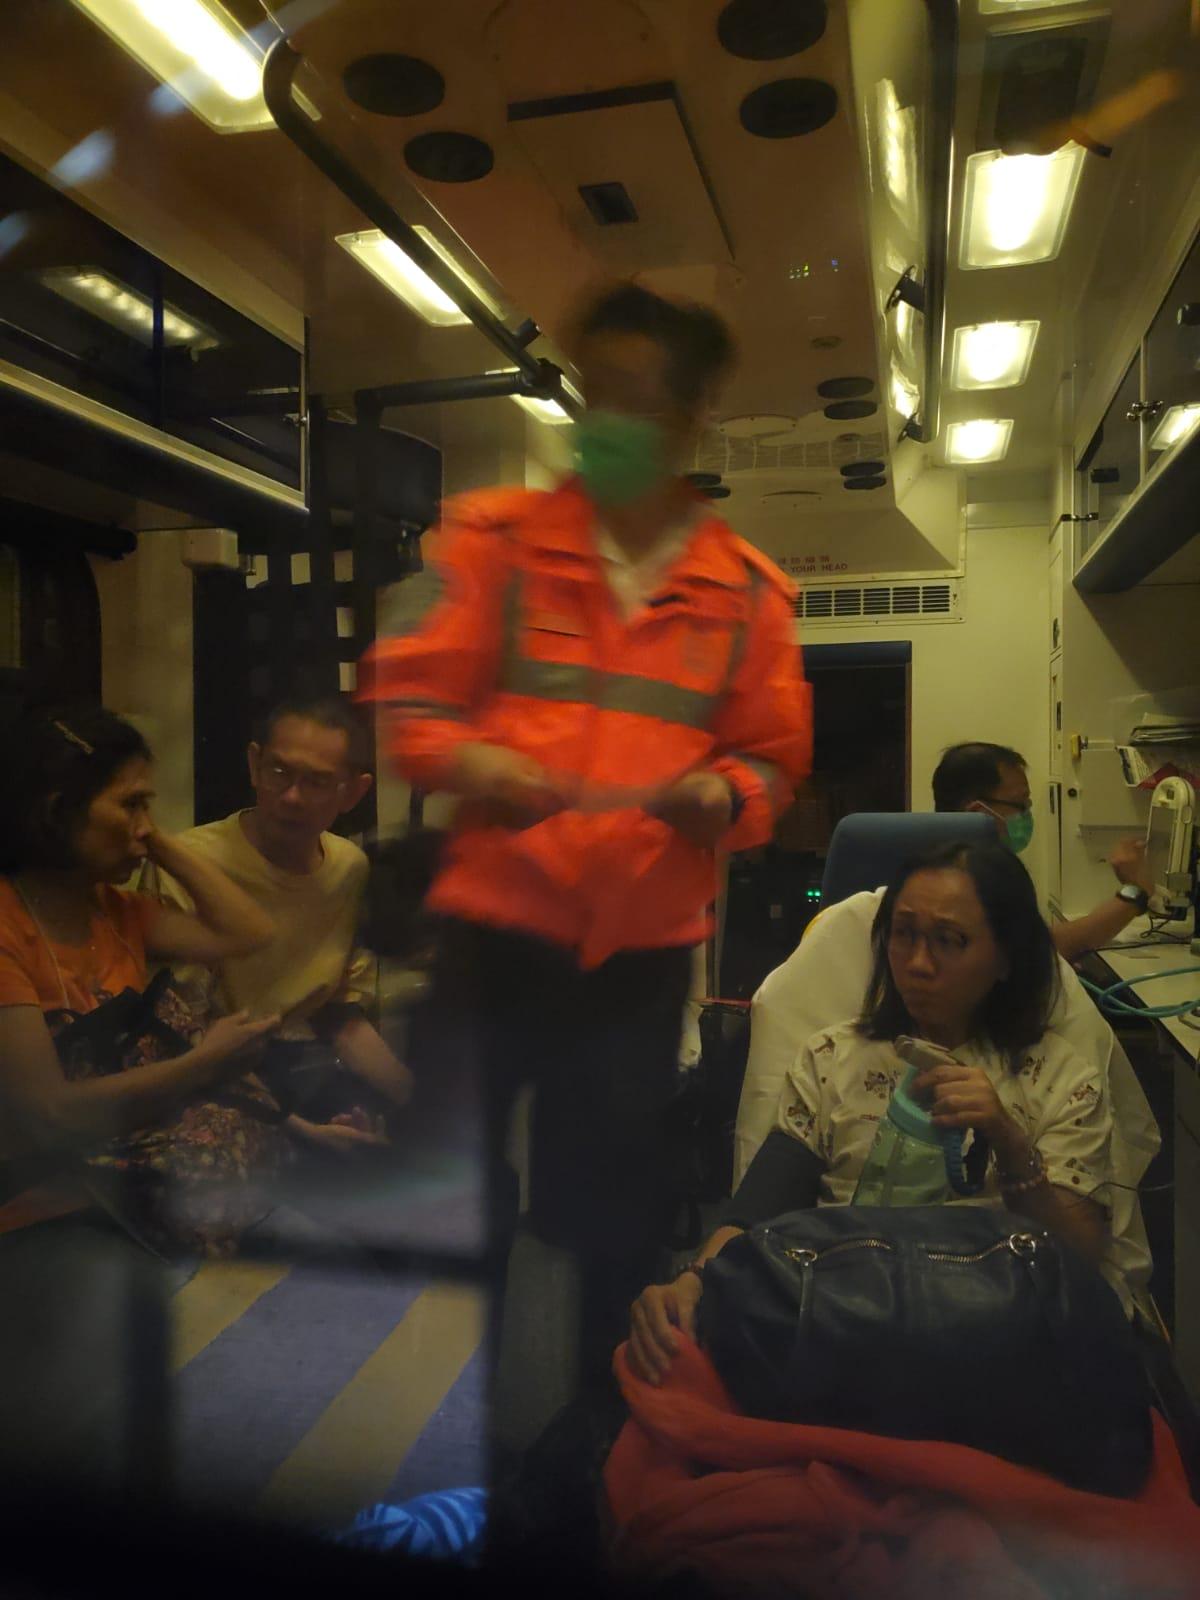 傷者清醒被送往伊利沙伯醫院治理。